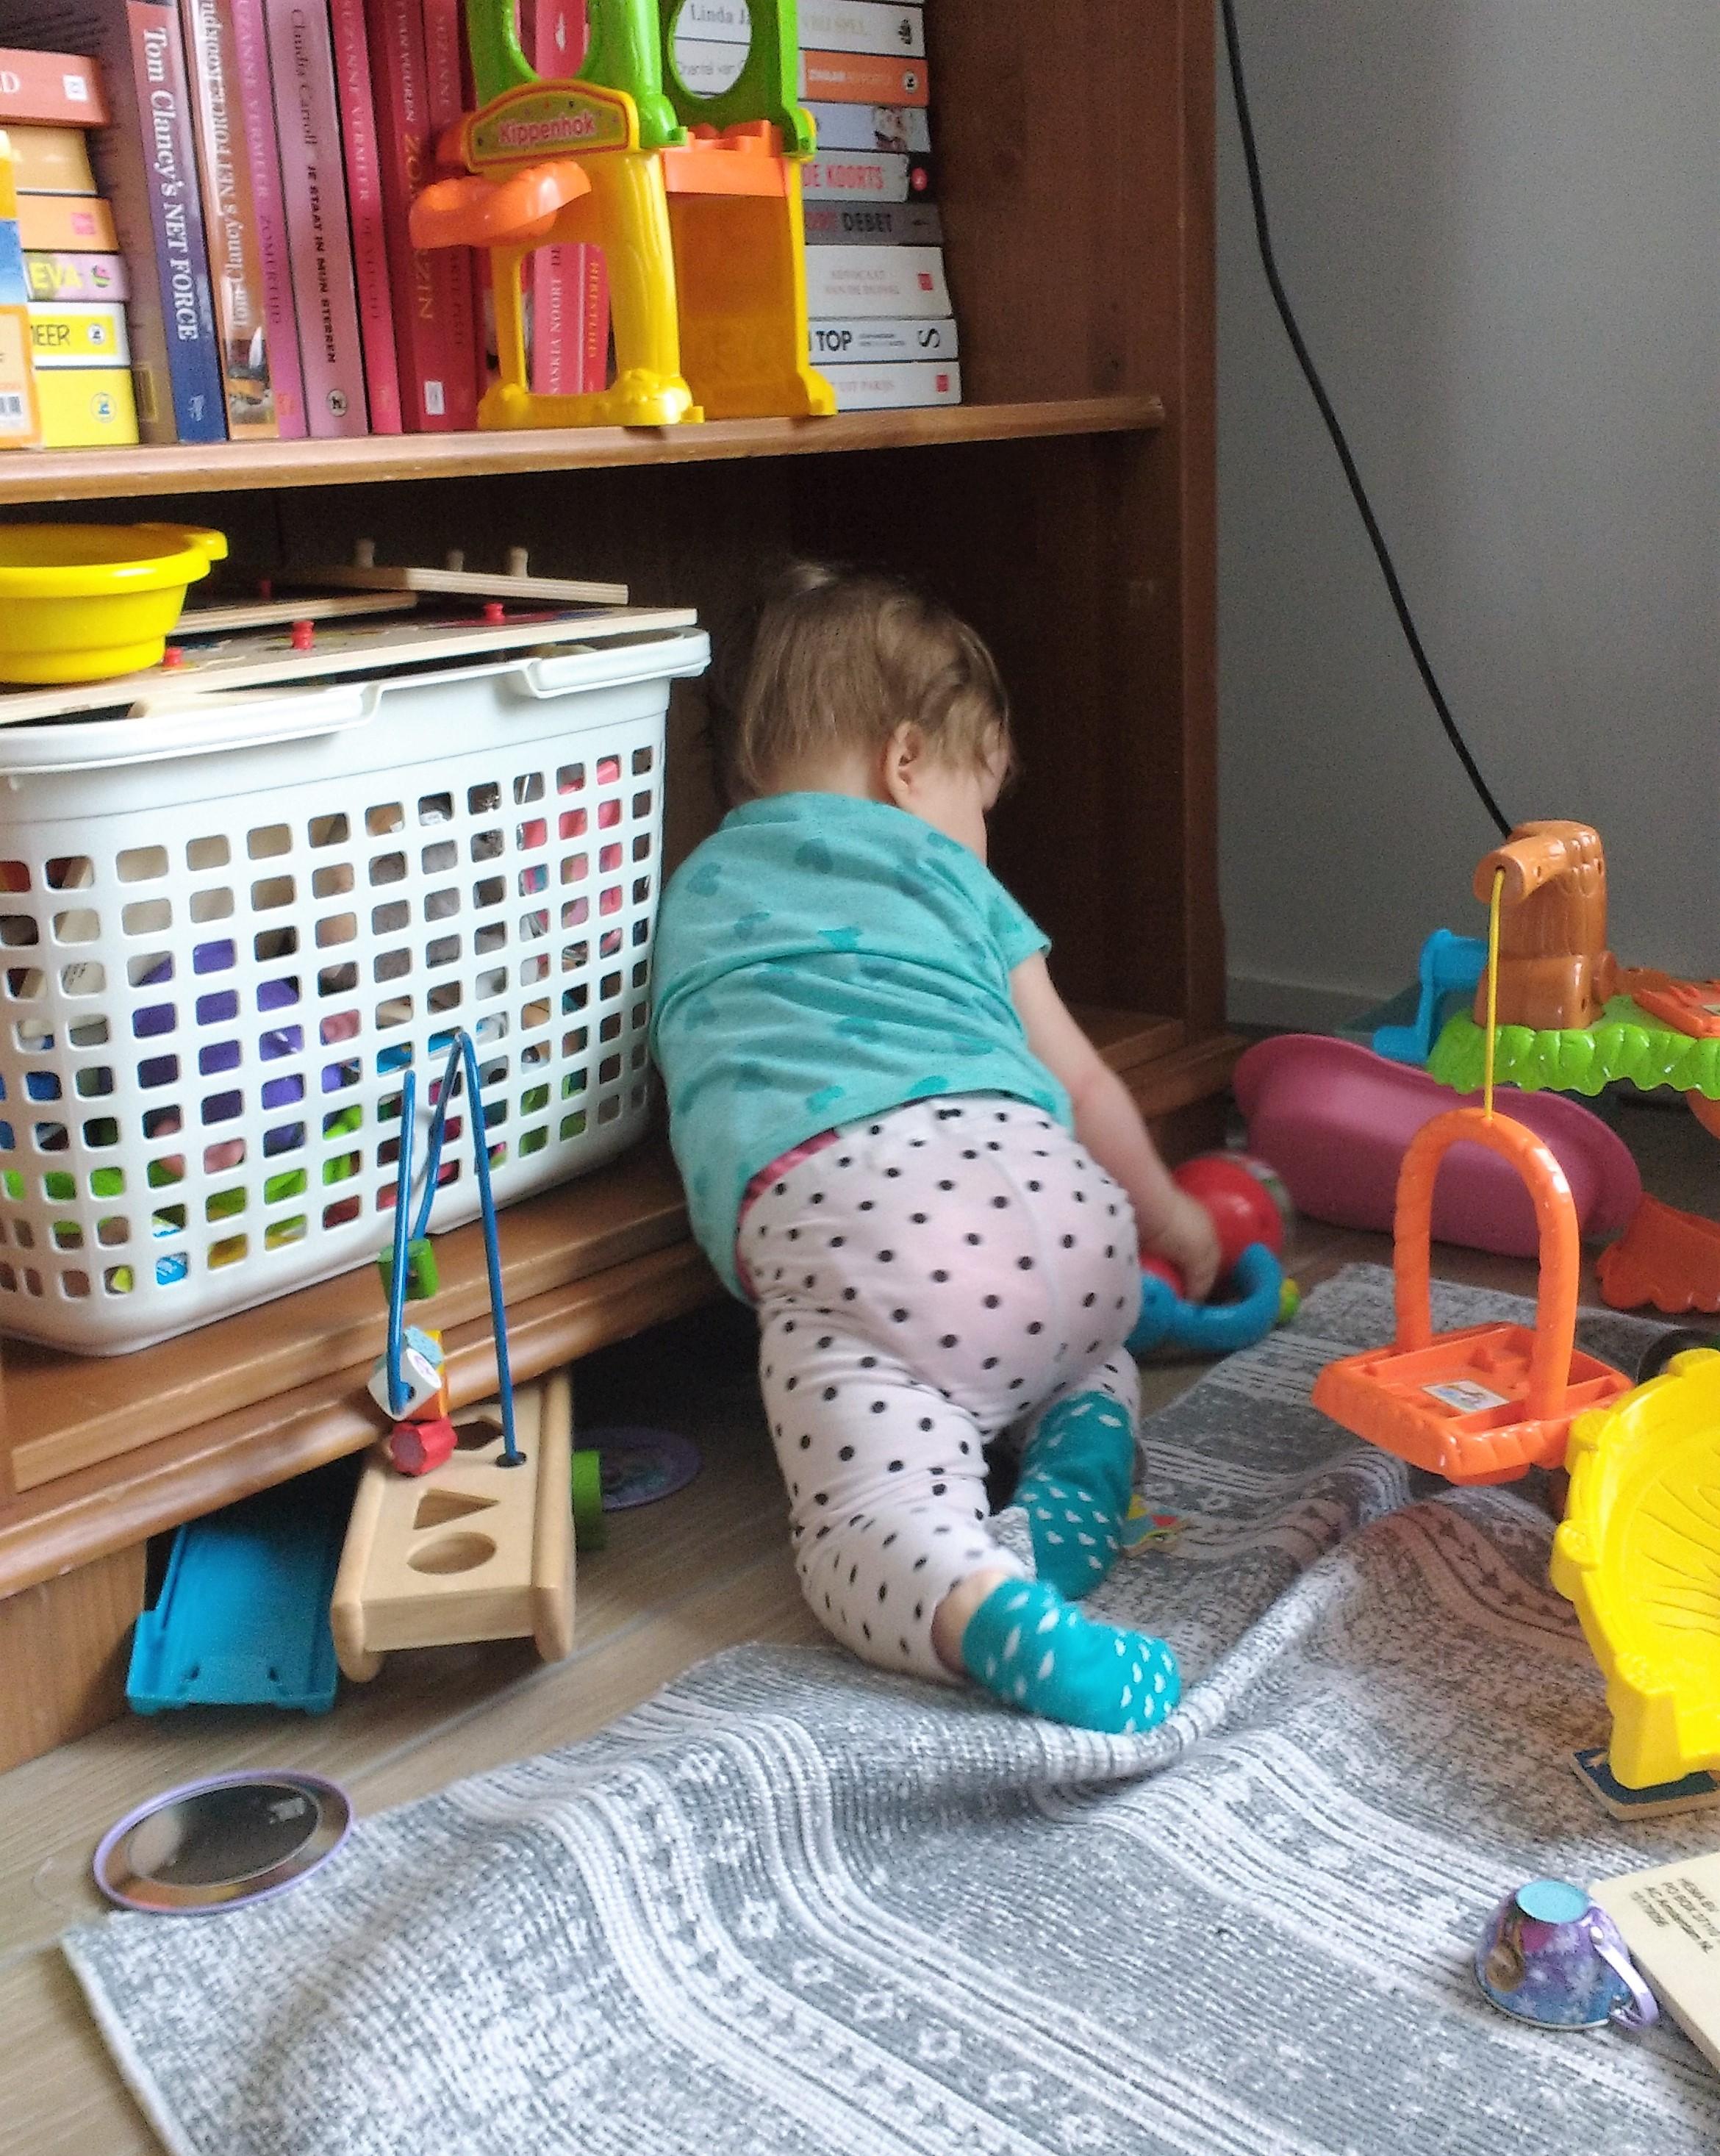 la log, baby, baby 1 jaar, verjaardag baby, dreumes, blog, mama blog, mama-lifestyle blog